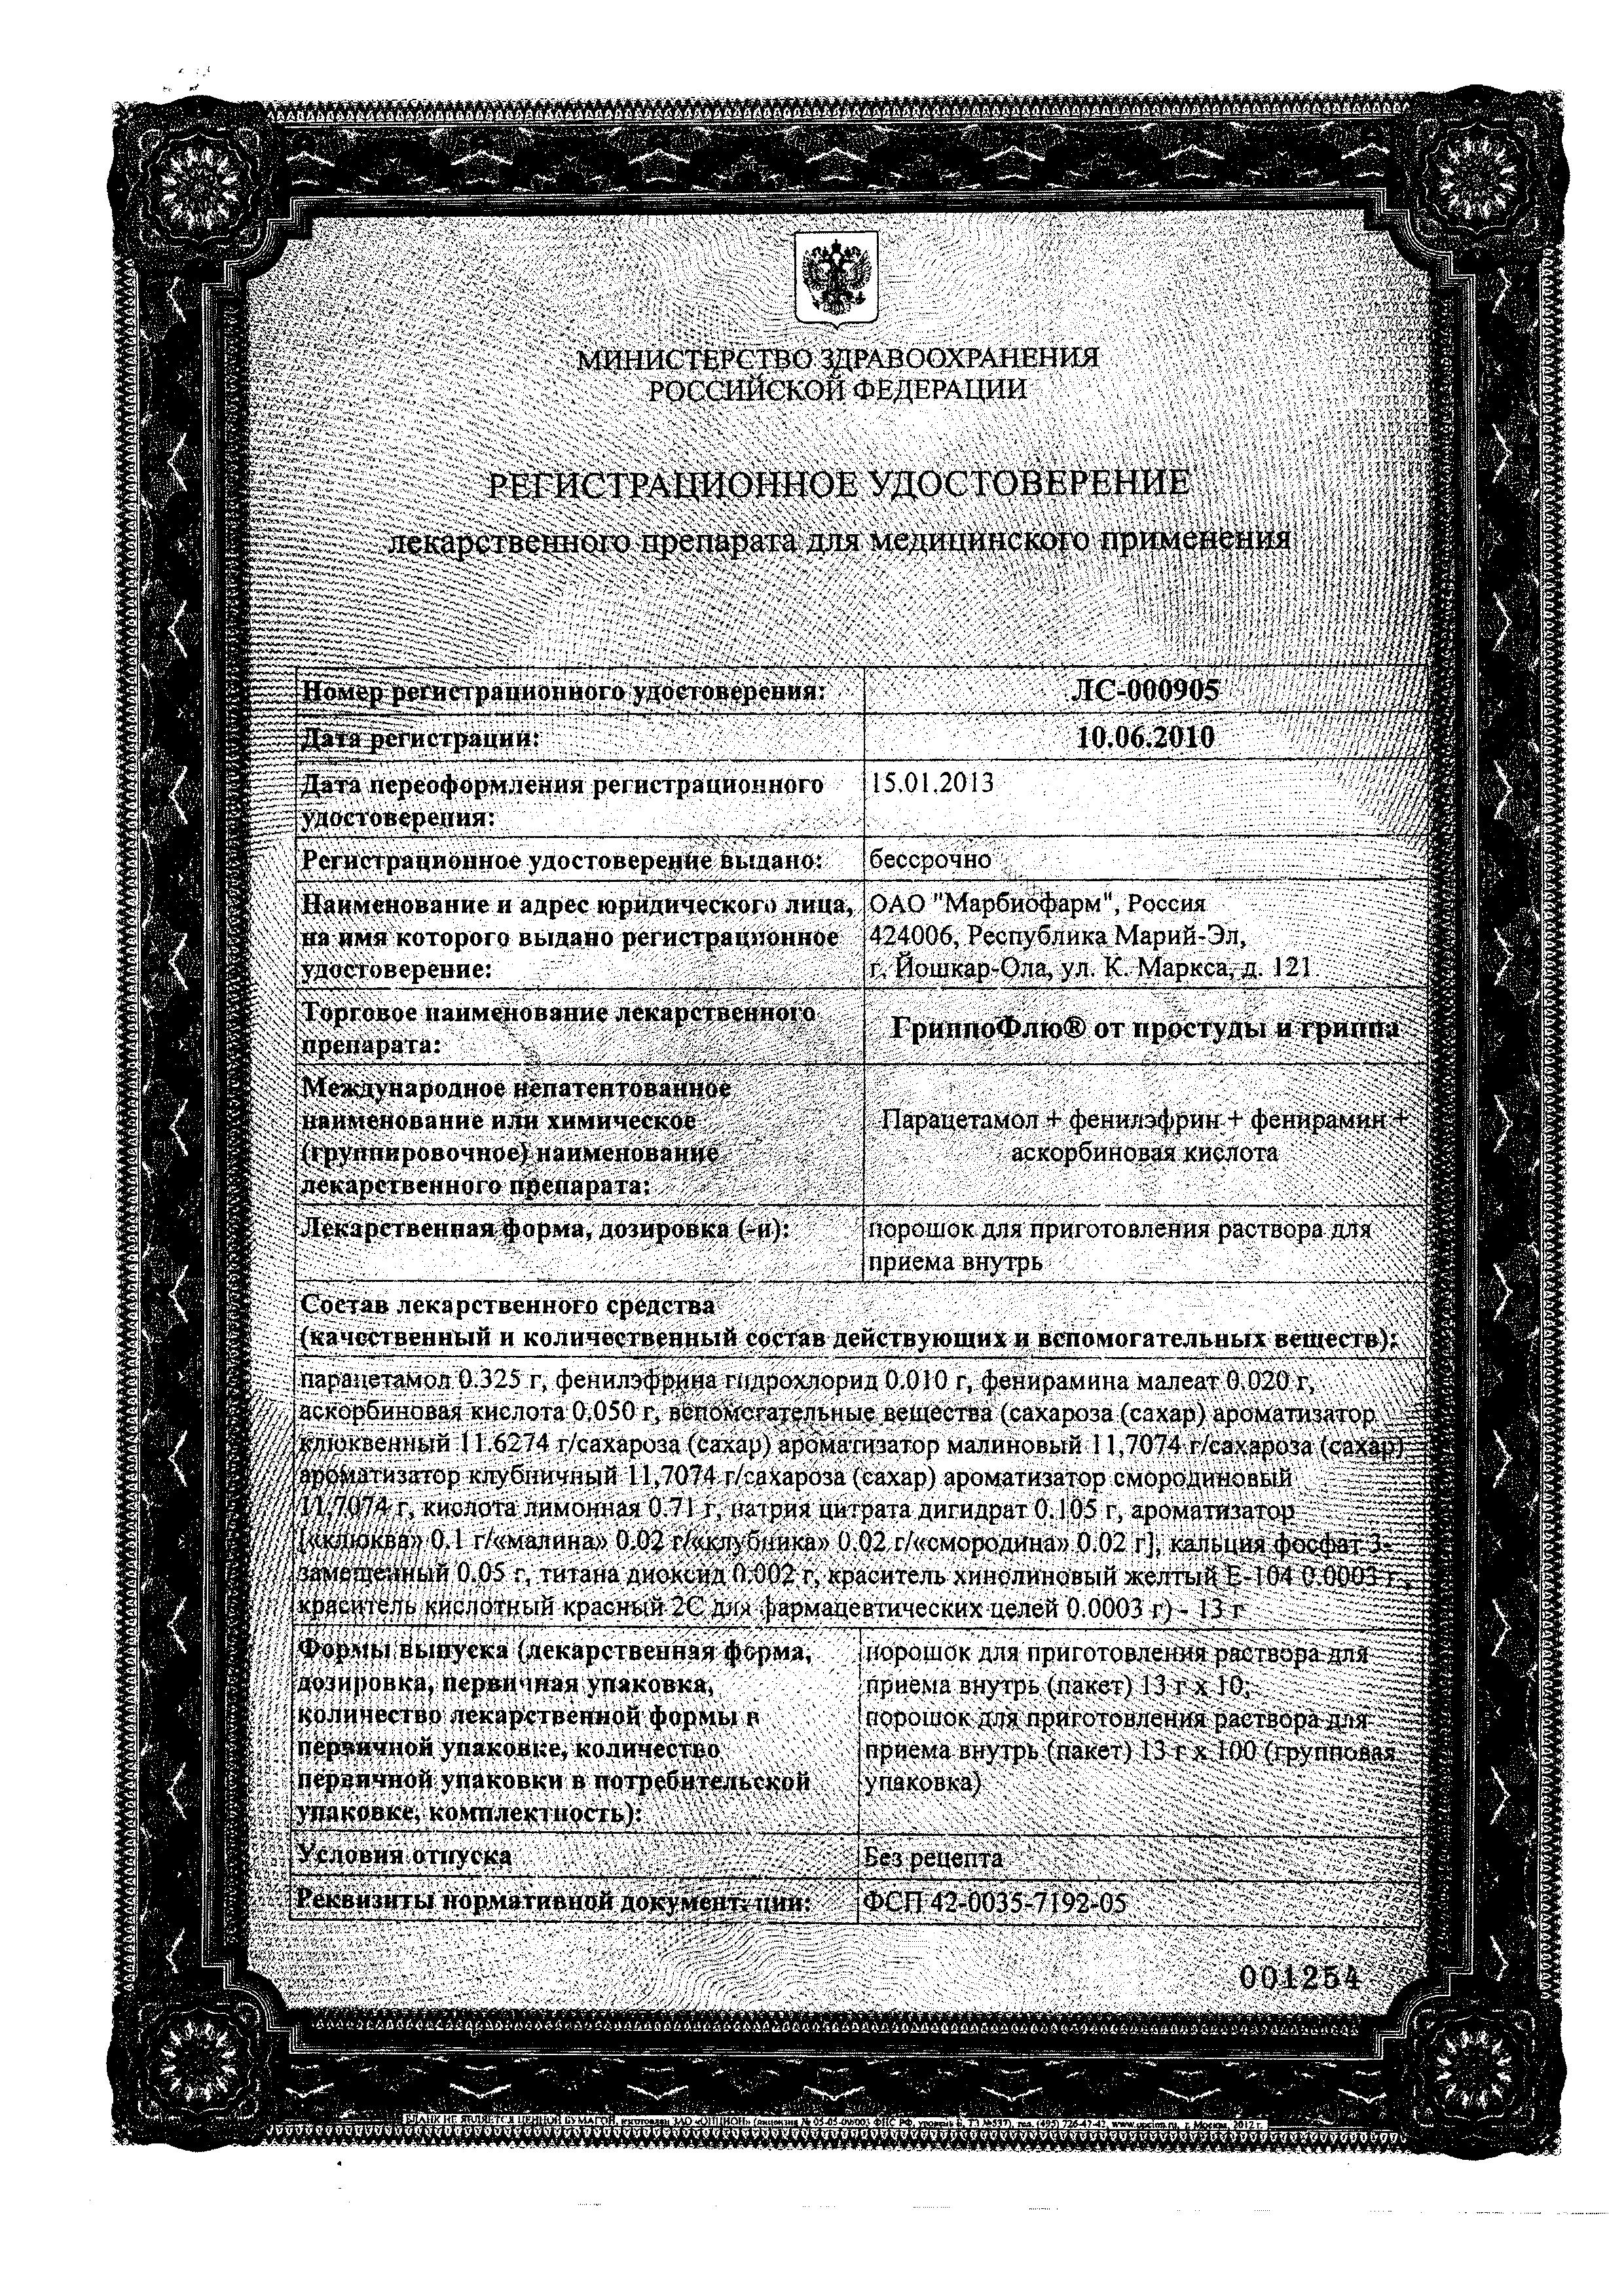 ГриппоФлю от простуды и гриппа сертификат